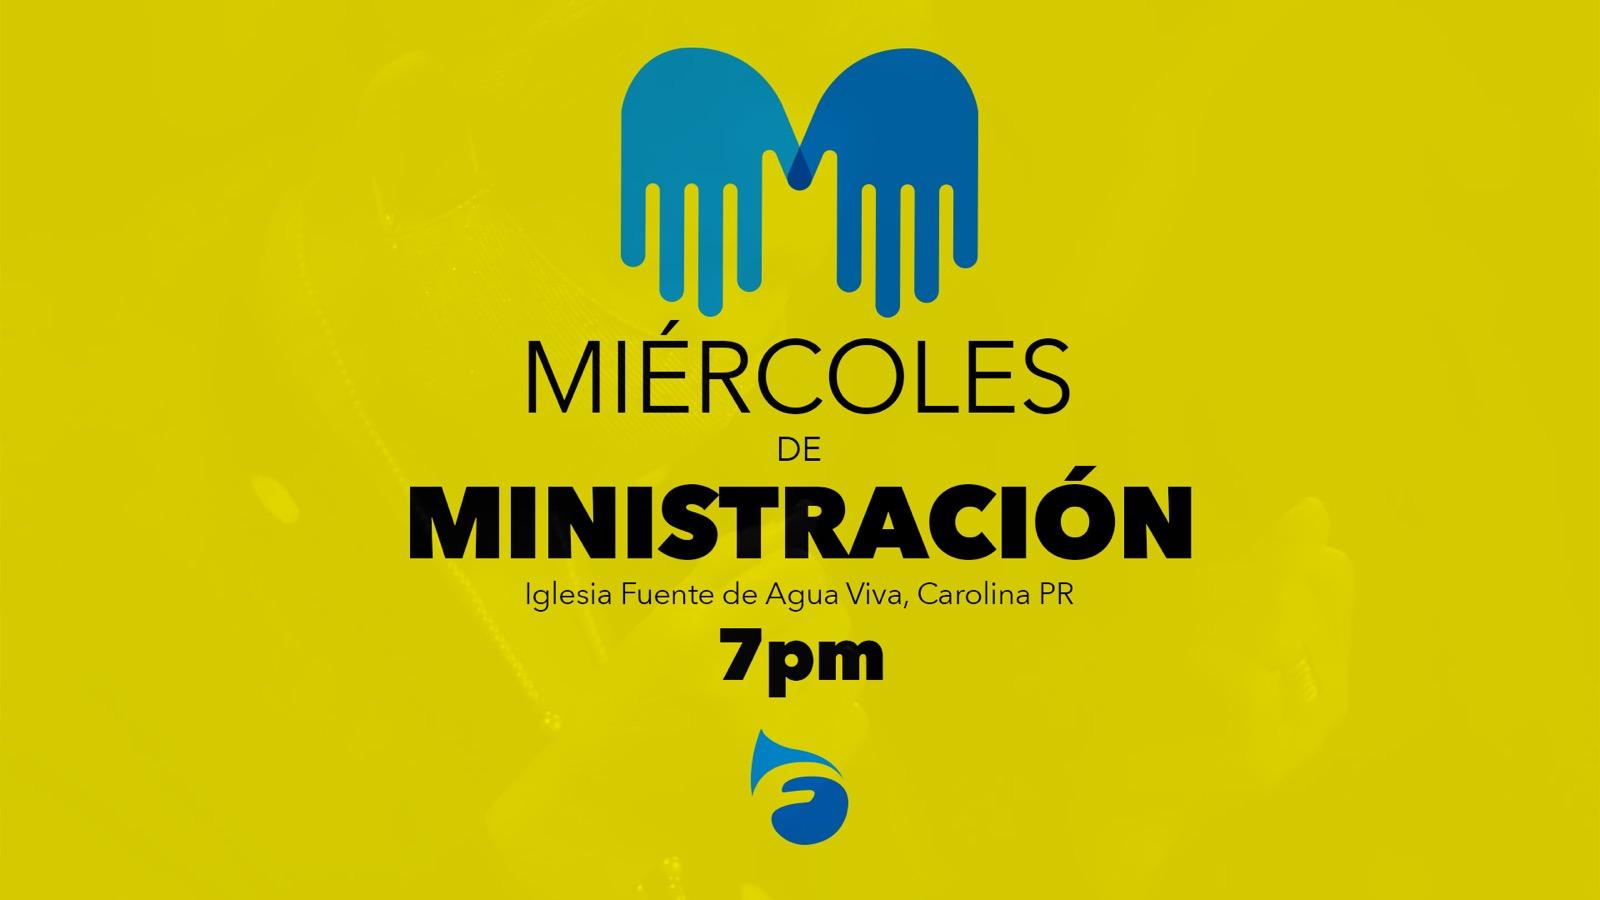 Miércoles de Ministración Servicios Iglesia Carolina Puerto Rico Pastor Otoniel